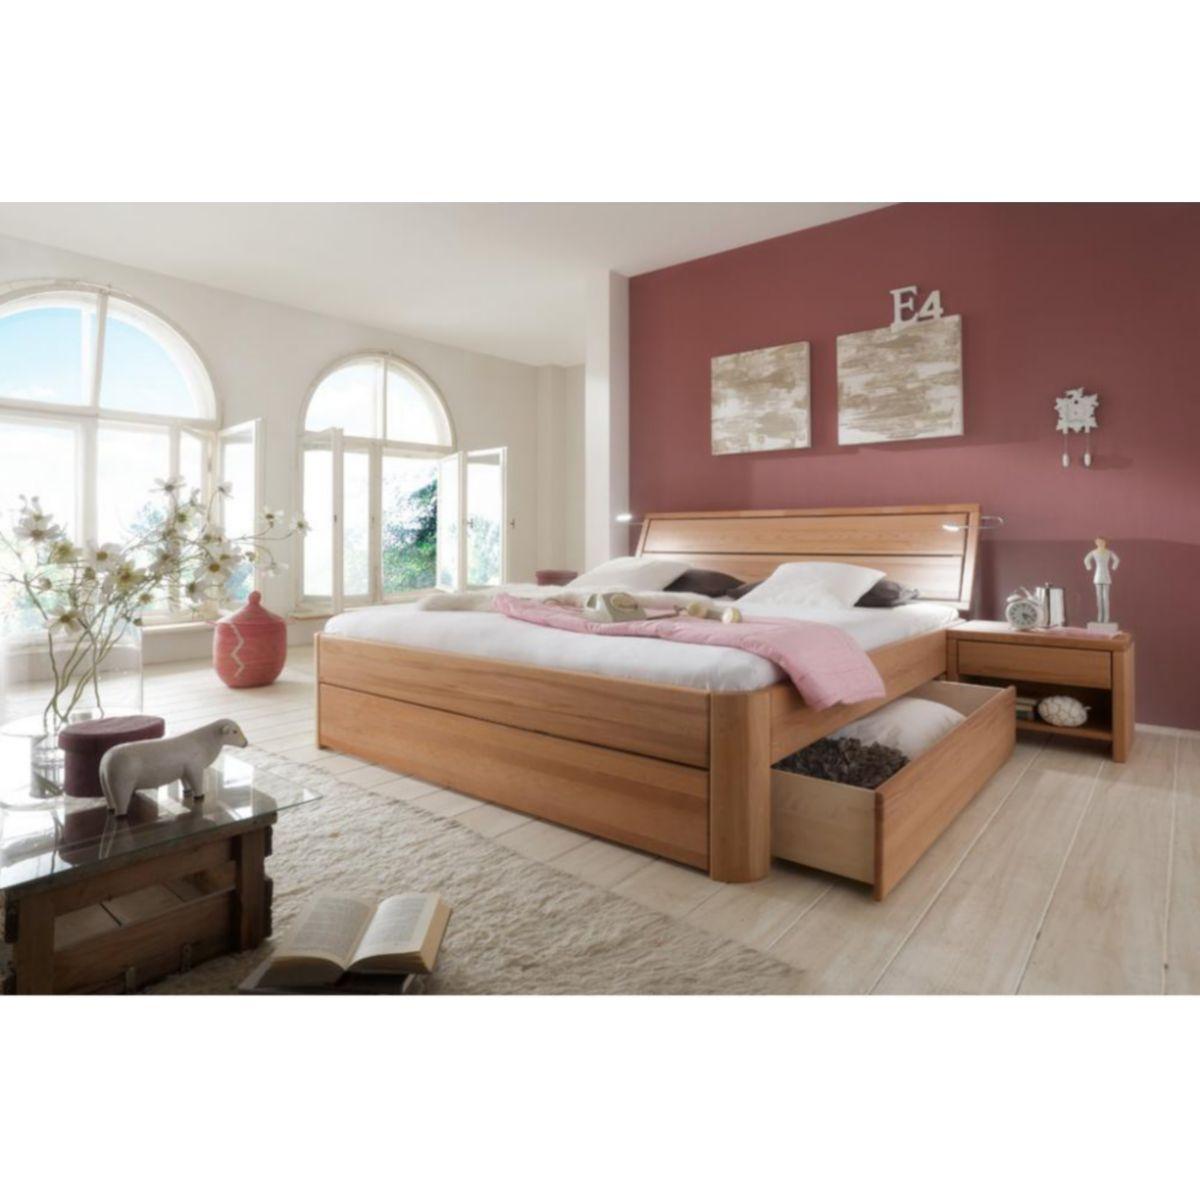 Massivholzbett Easy Sleep C